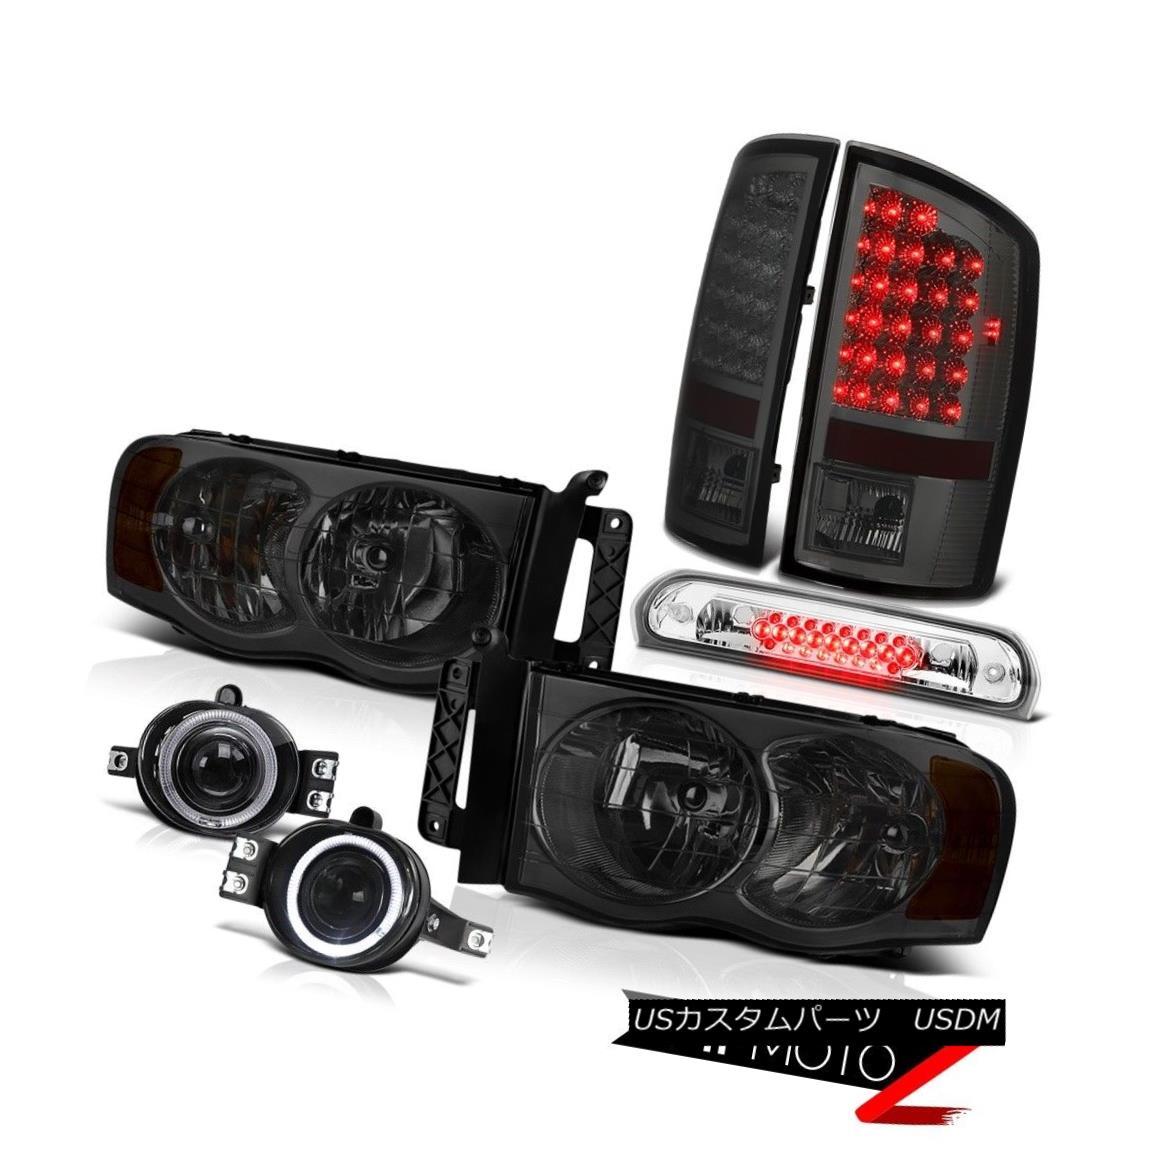 テールライト 2002-2005 Ram 2500 Pair Smoke Headlamps Brake Tail Lights Halo Fog 3rd Cargo LED 2002-2005 Ram 2500 Pair Smoke HeadlampsブレーキテールライトHalo Fog 3rd Cargo LED